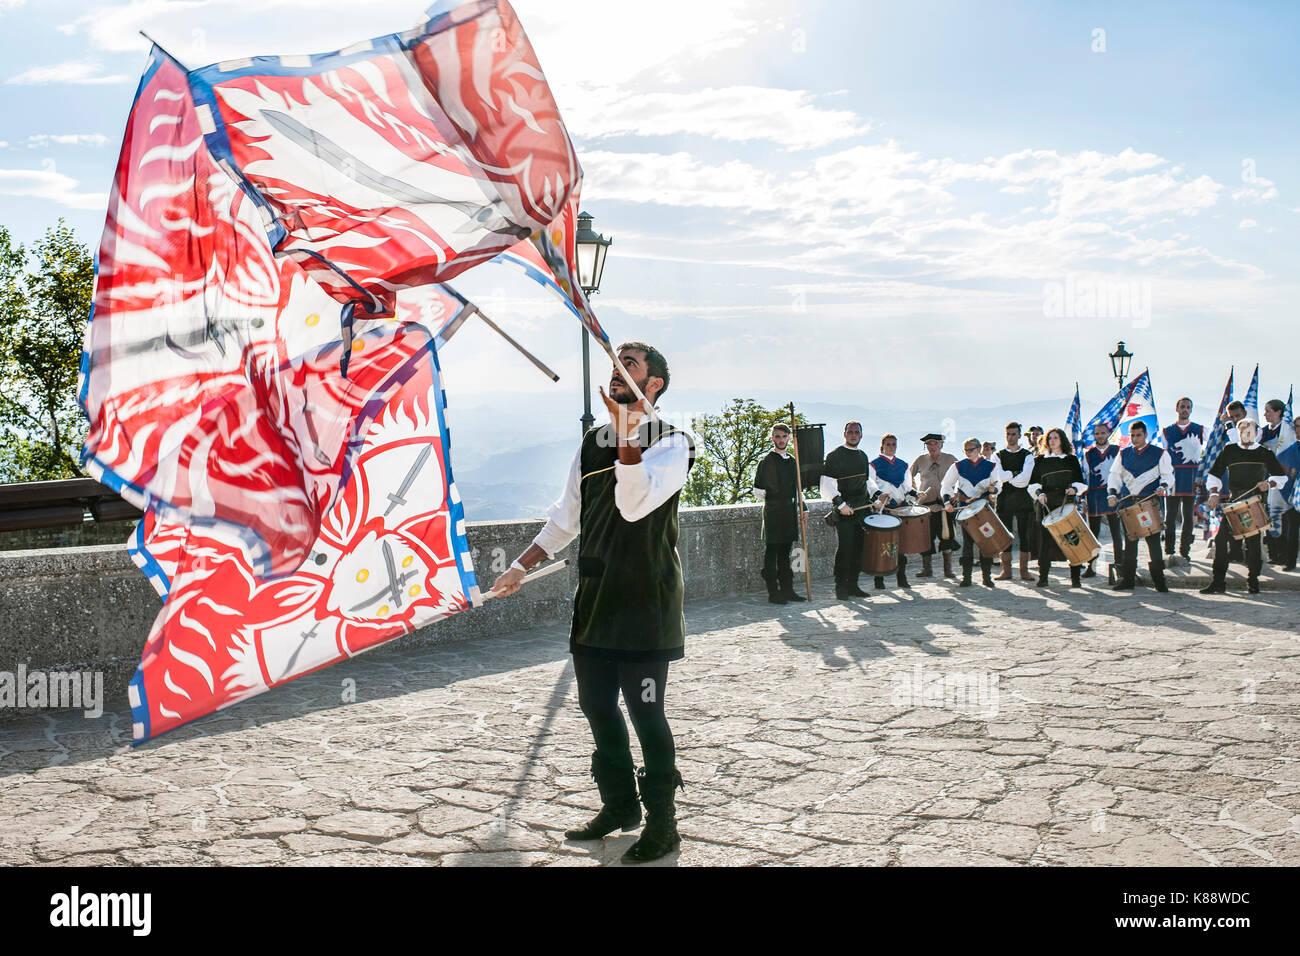 Fahnenträger der Durchführung einer Flagge jonglieren Demonstration während der jährlichen mittelalterlichen Tage Stockfoto